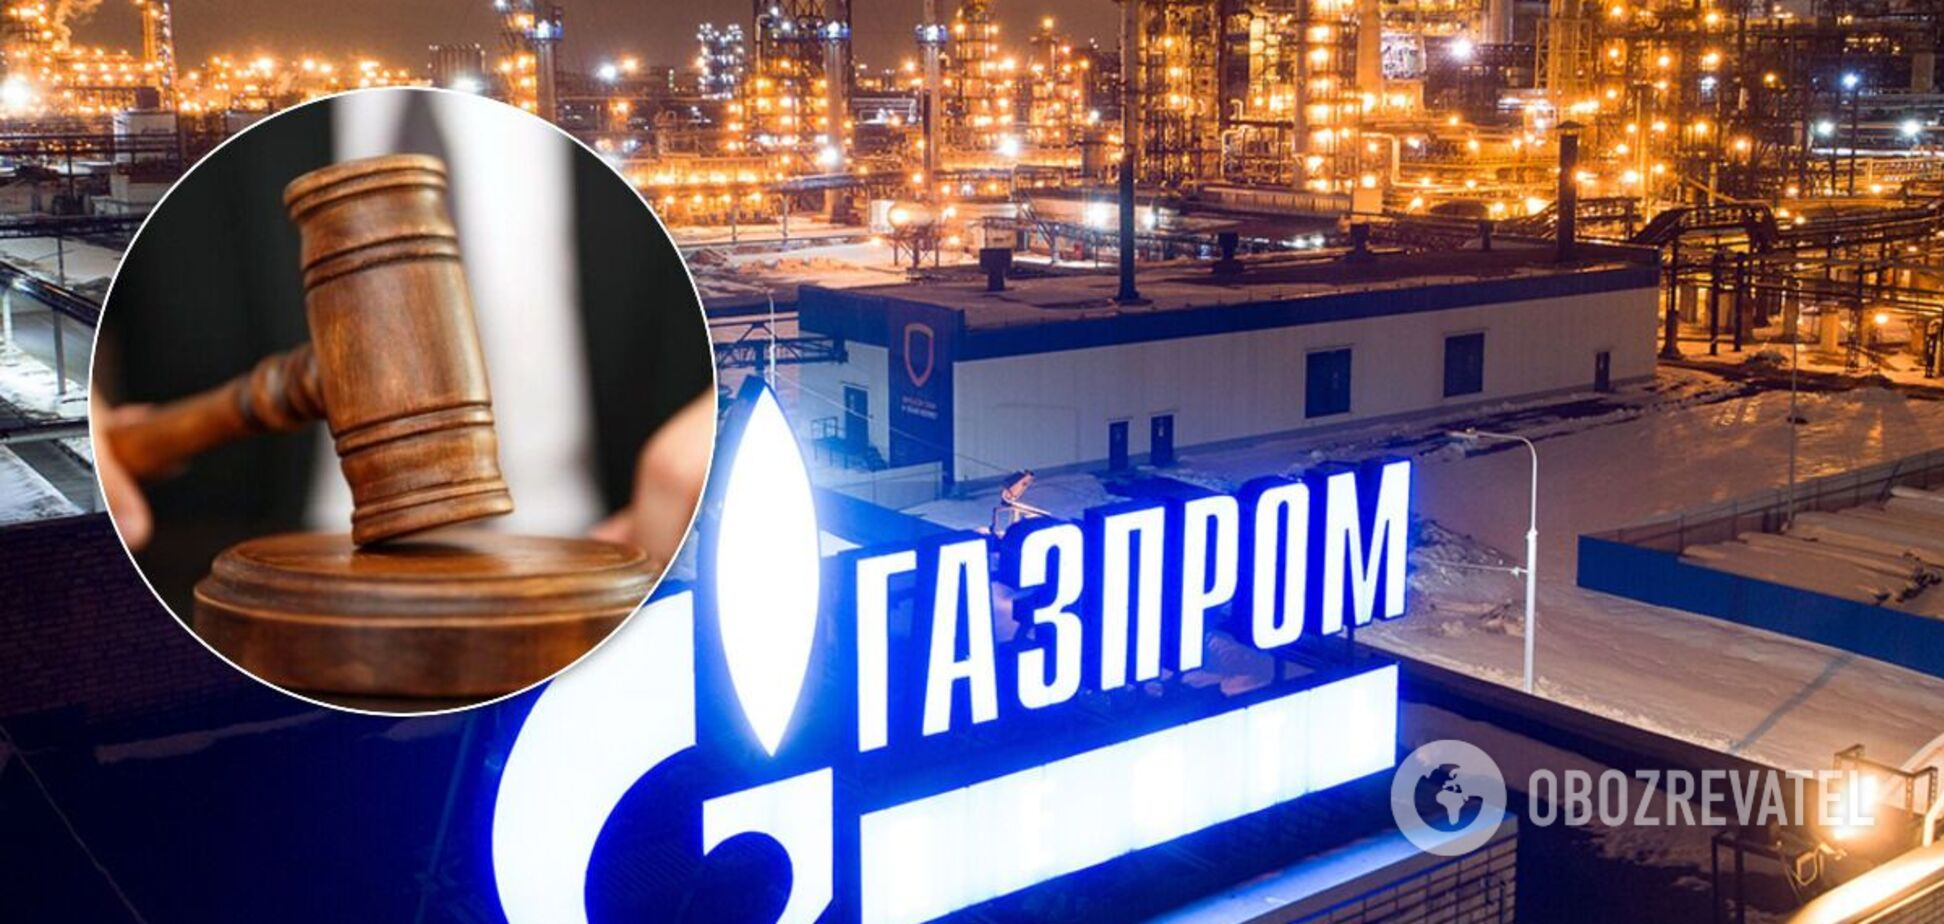 Из-за решения ЕСПЧ по Крыму может пострадать 'Газпром', – Юрчишин